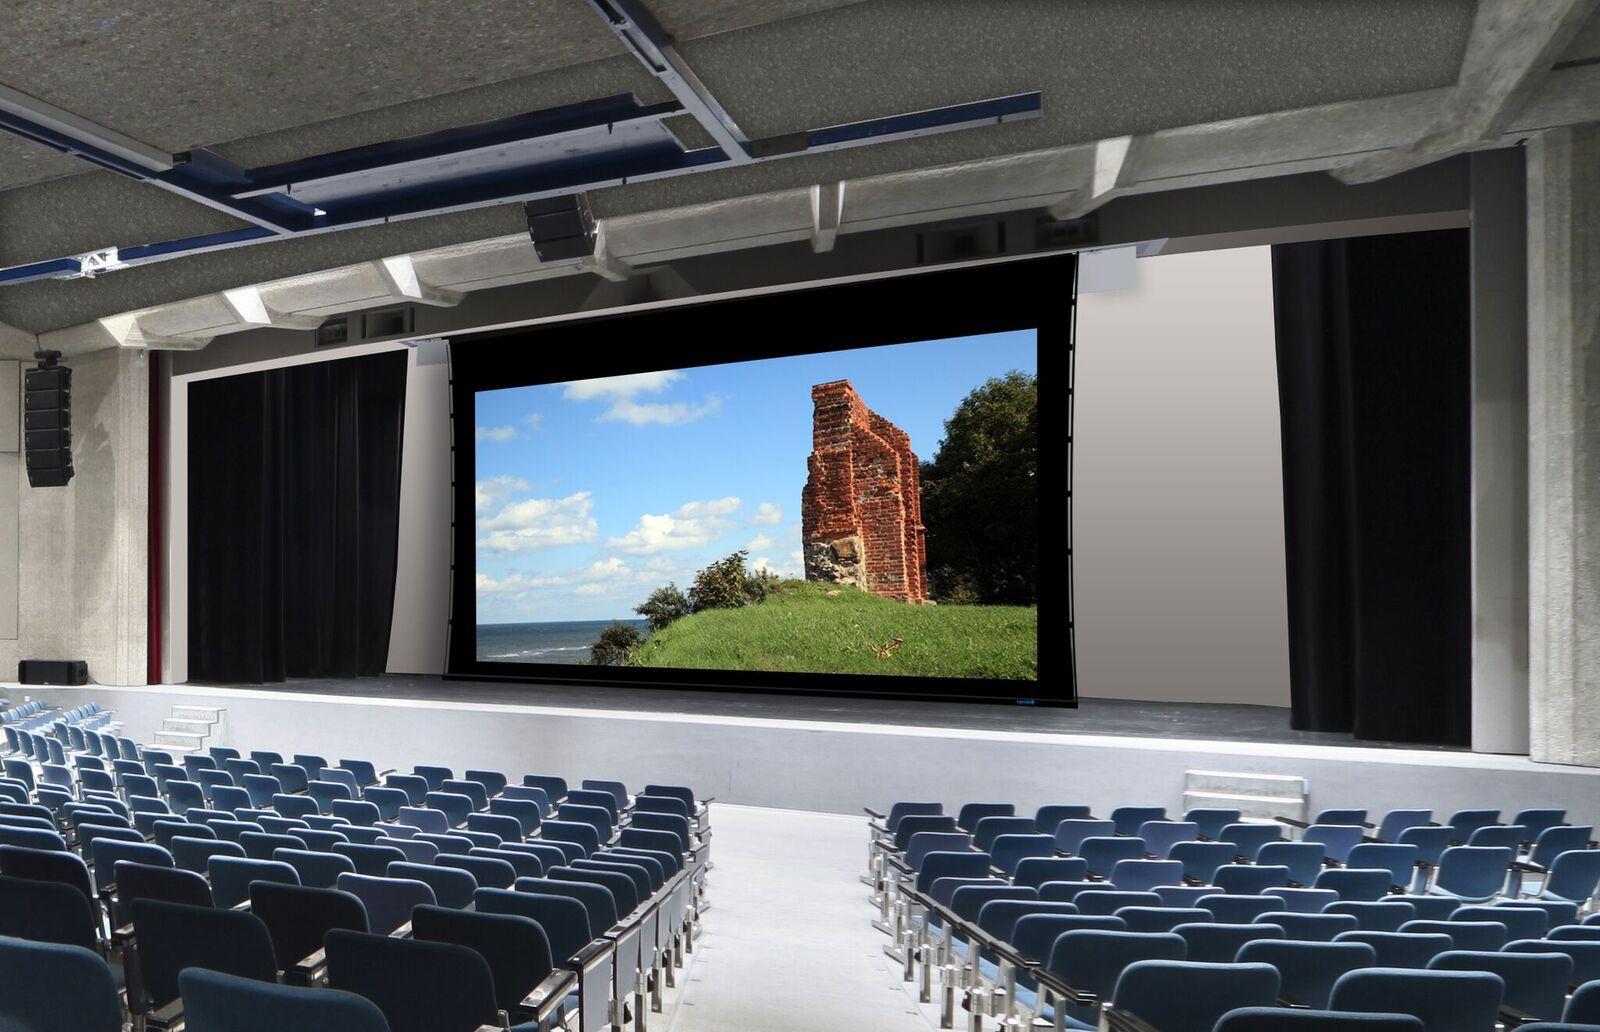 Stewart Filmscreen, Stewart Filmscreen InfoComm, InfoComm 2018